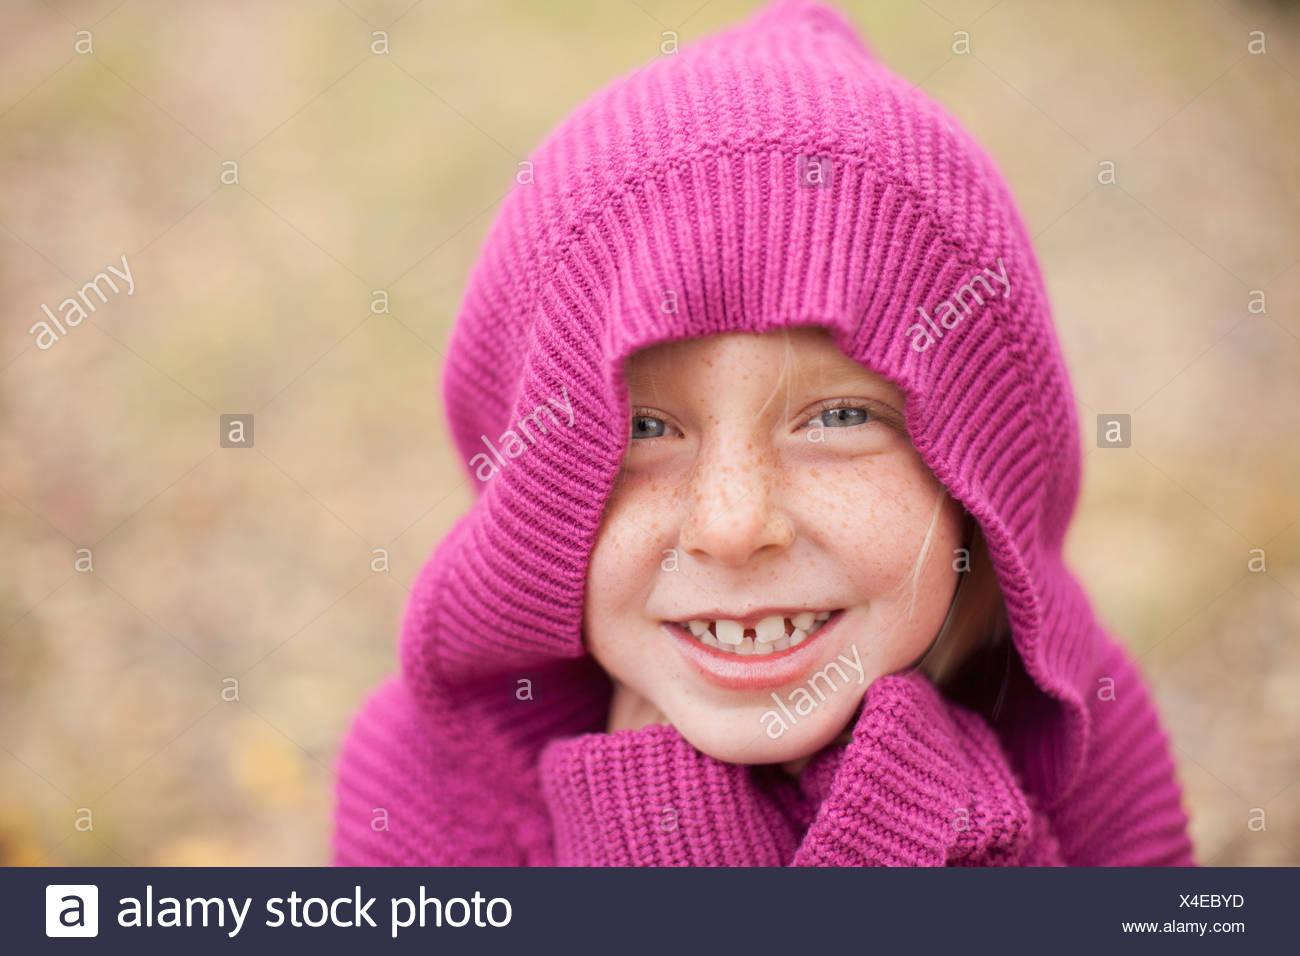 Una ragazza in un magenta felpa con cappuccio, con la cappa che copre la sua testa Immagini Stock